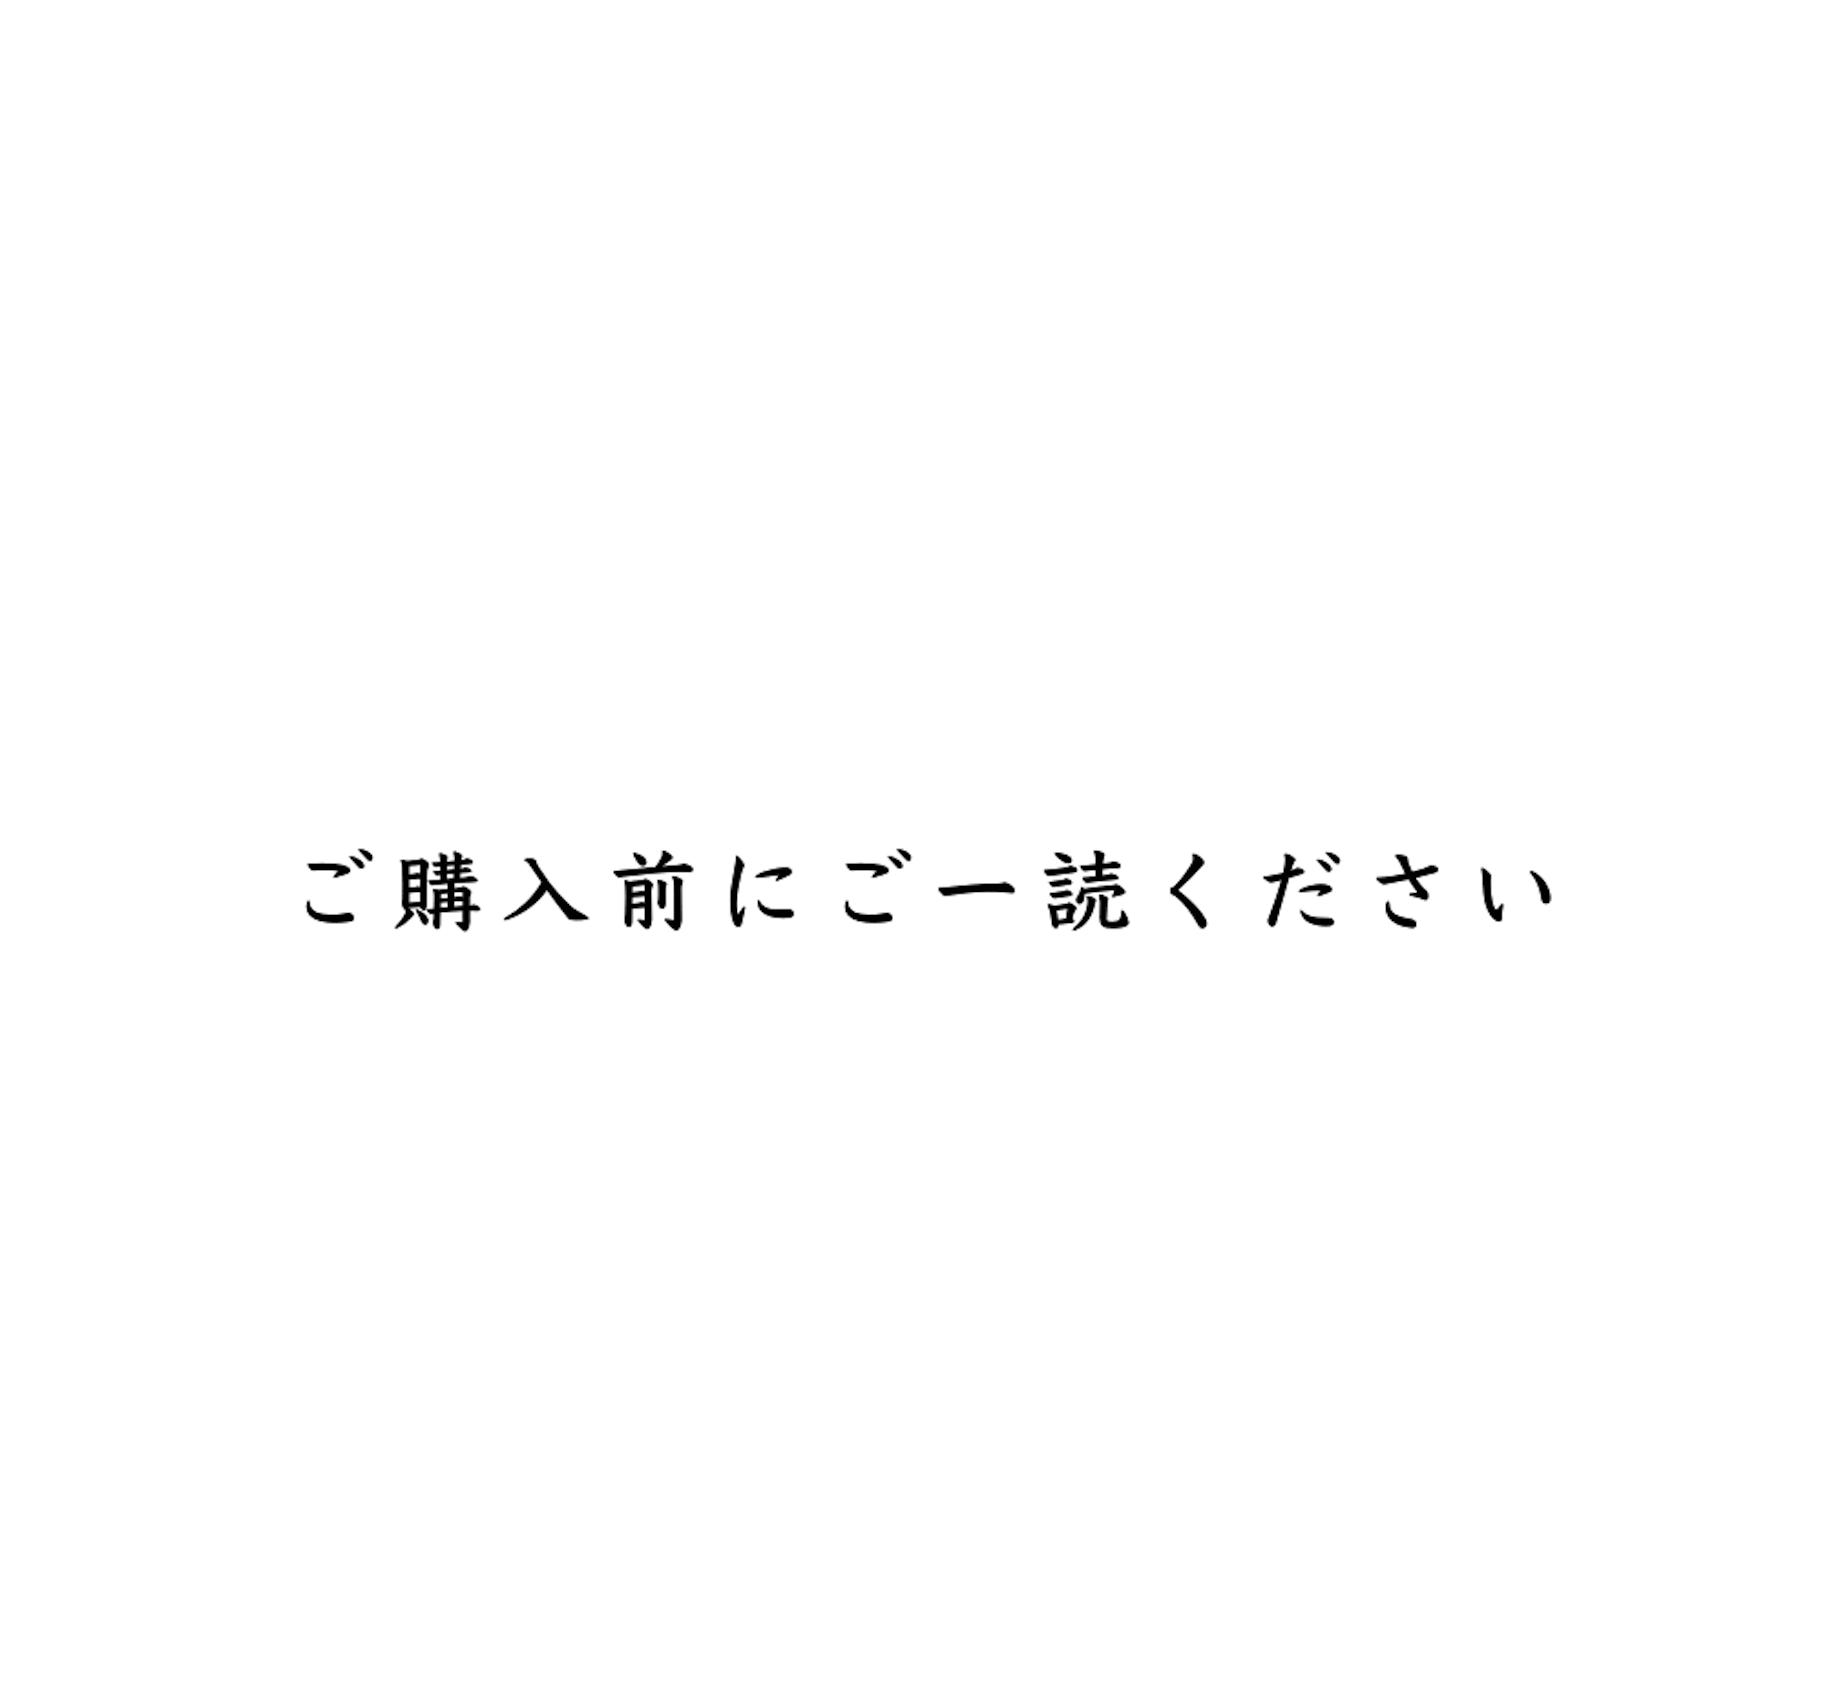 <b>【ご購入前にご一読ください】</b>